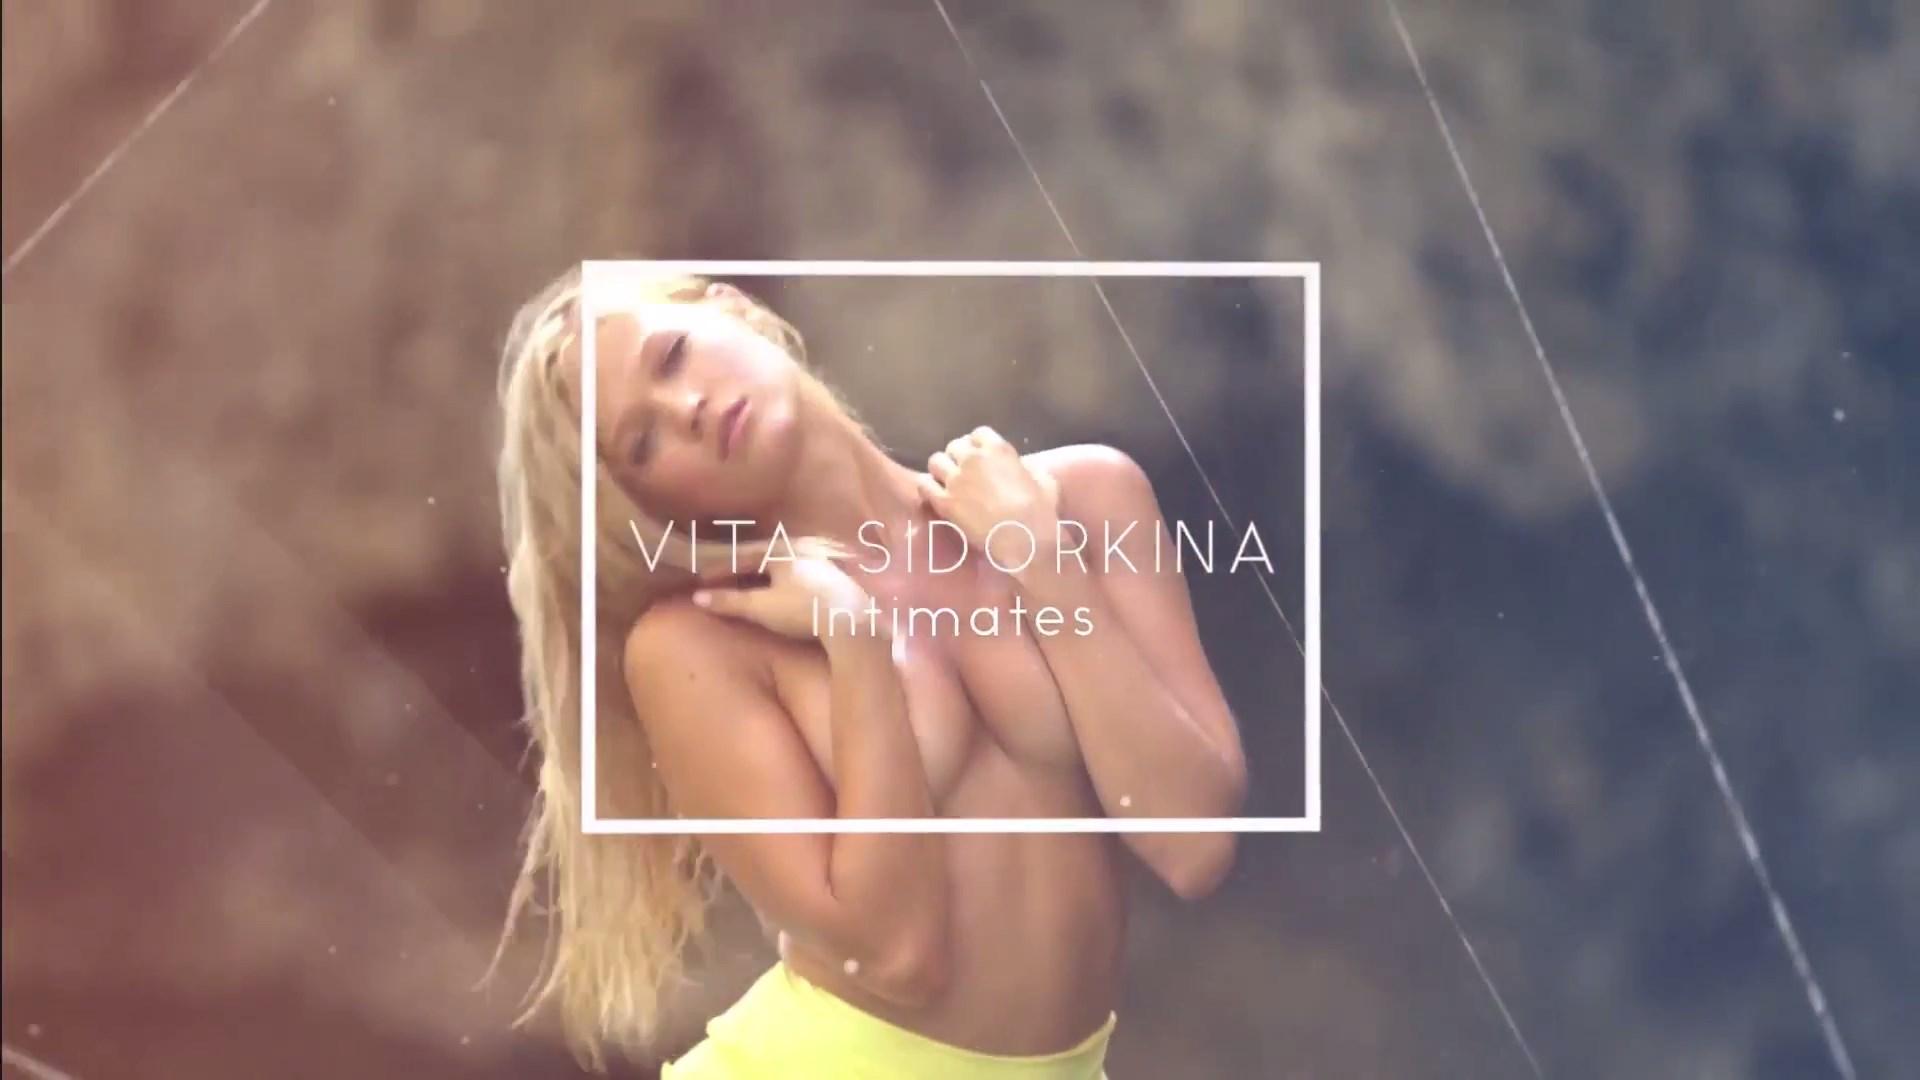 Vita Sidorkina